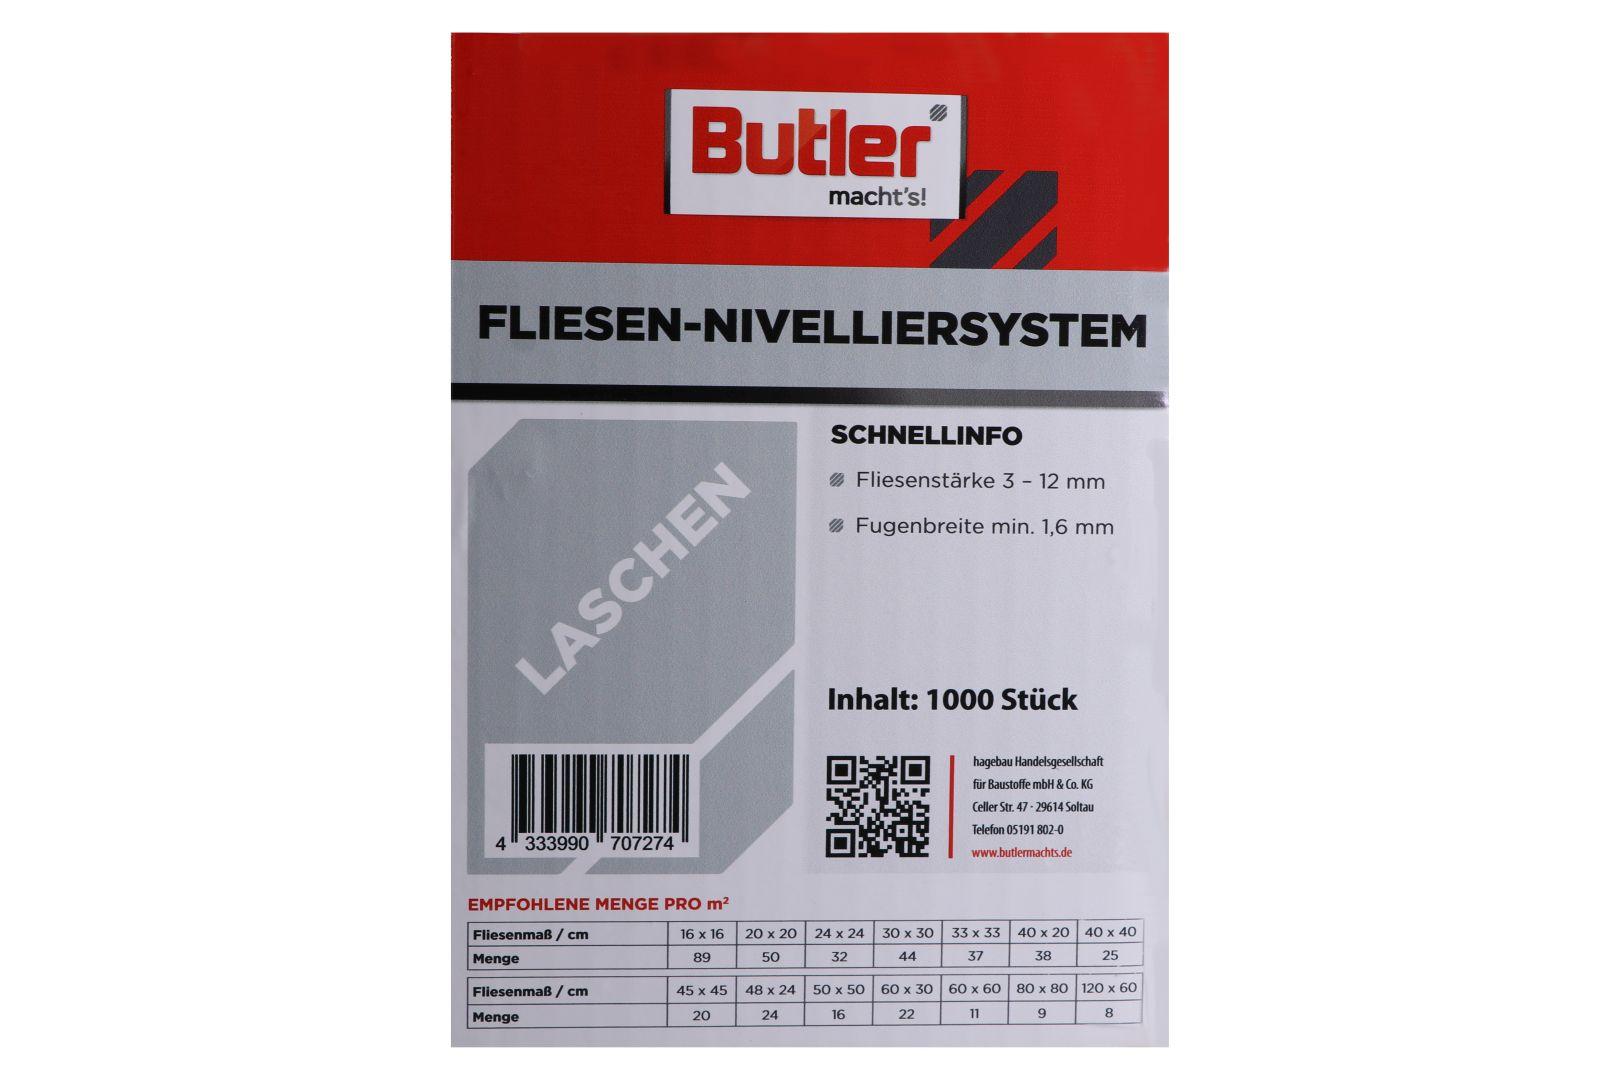 Butler macht's! Fliesen-Nivelliersystem Laschen, für 1,6 mm Fugenbreite, 1.000 Stück